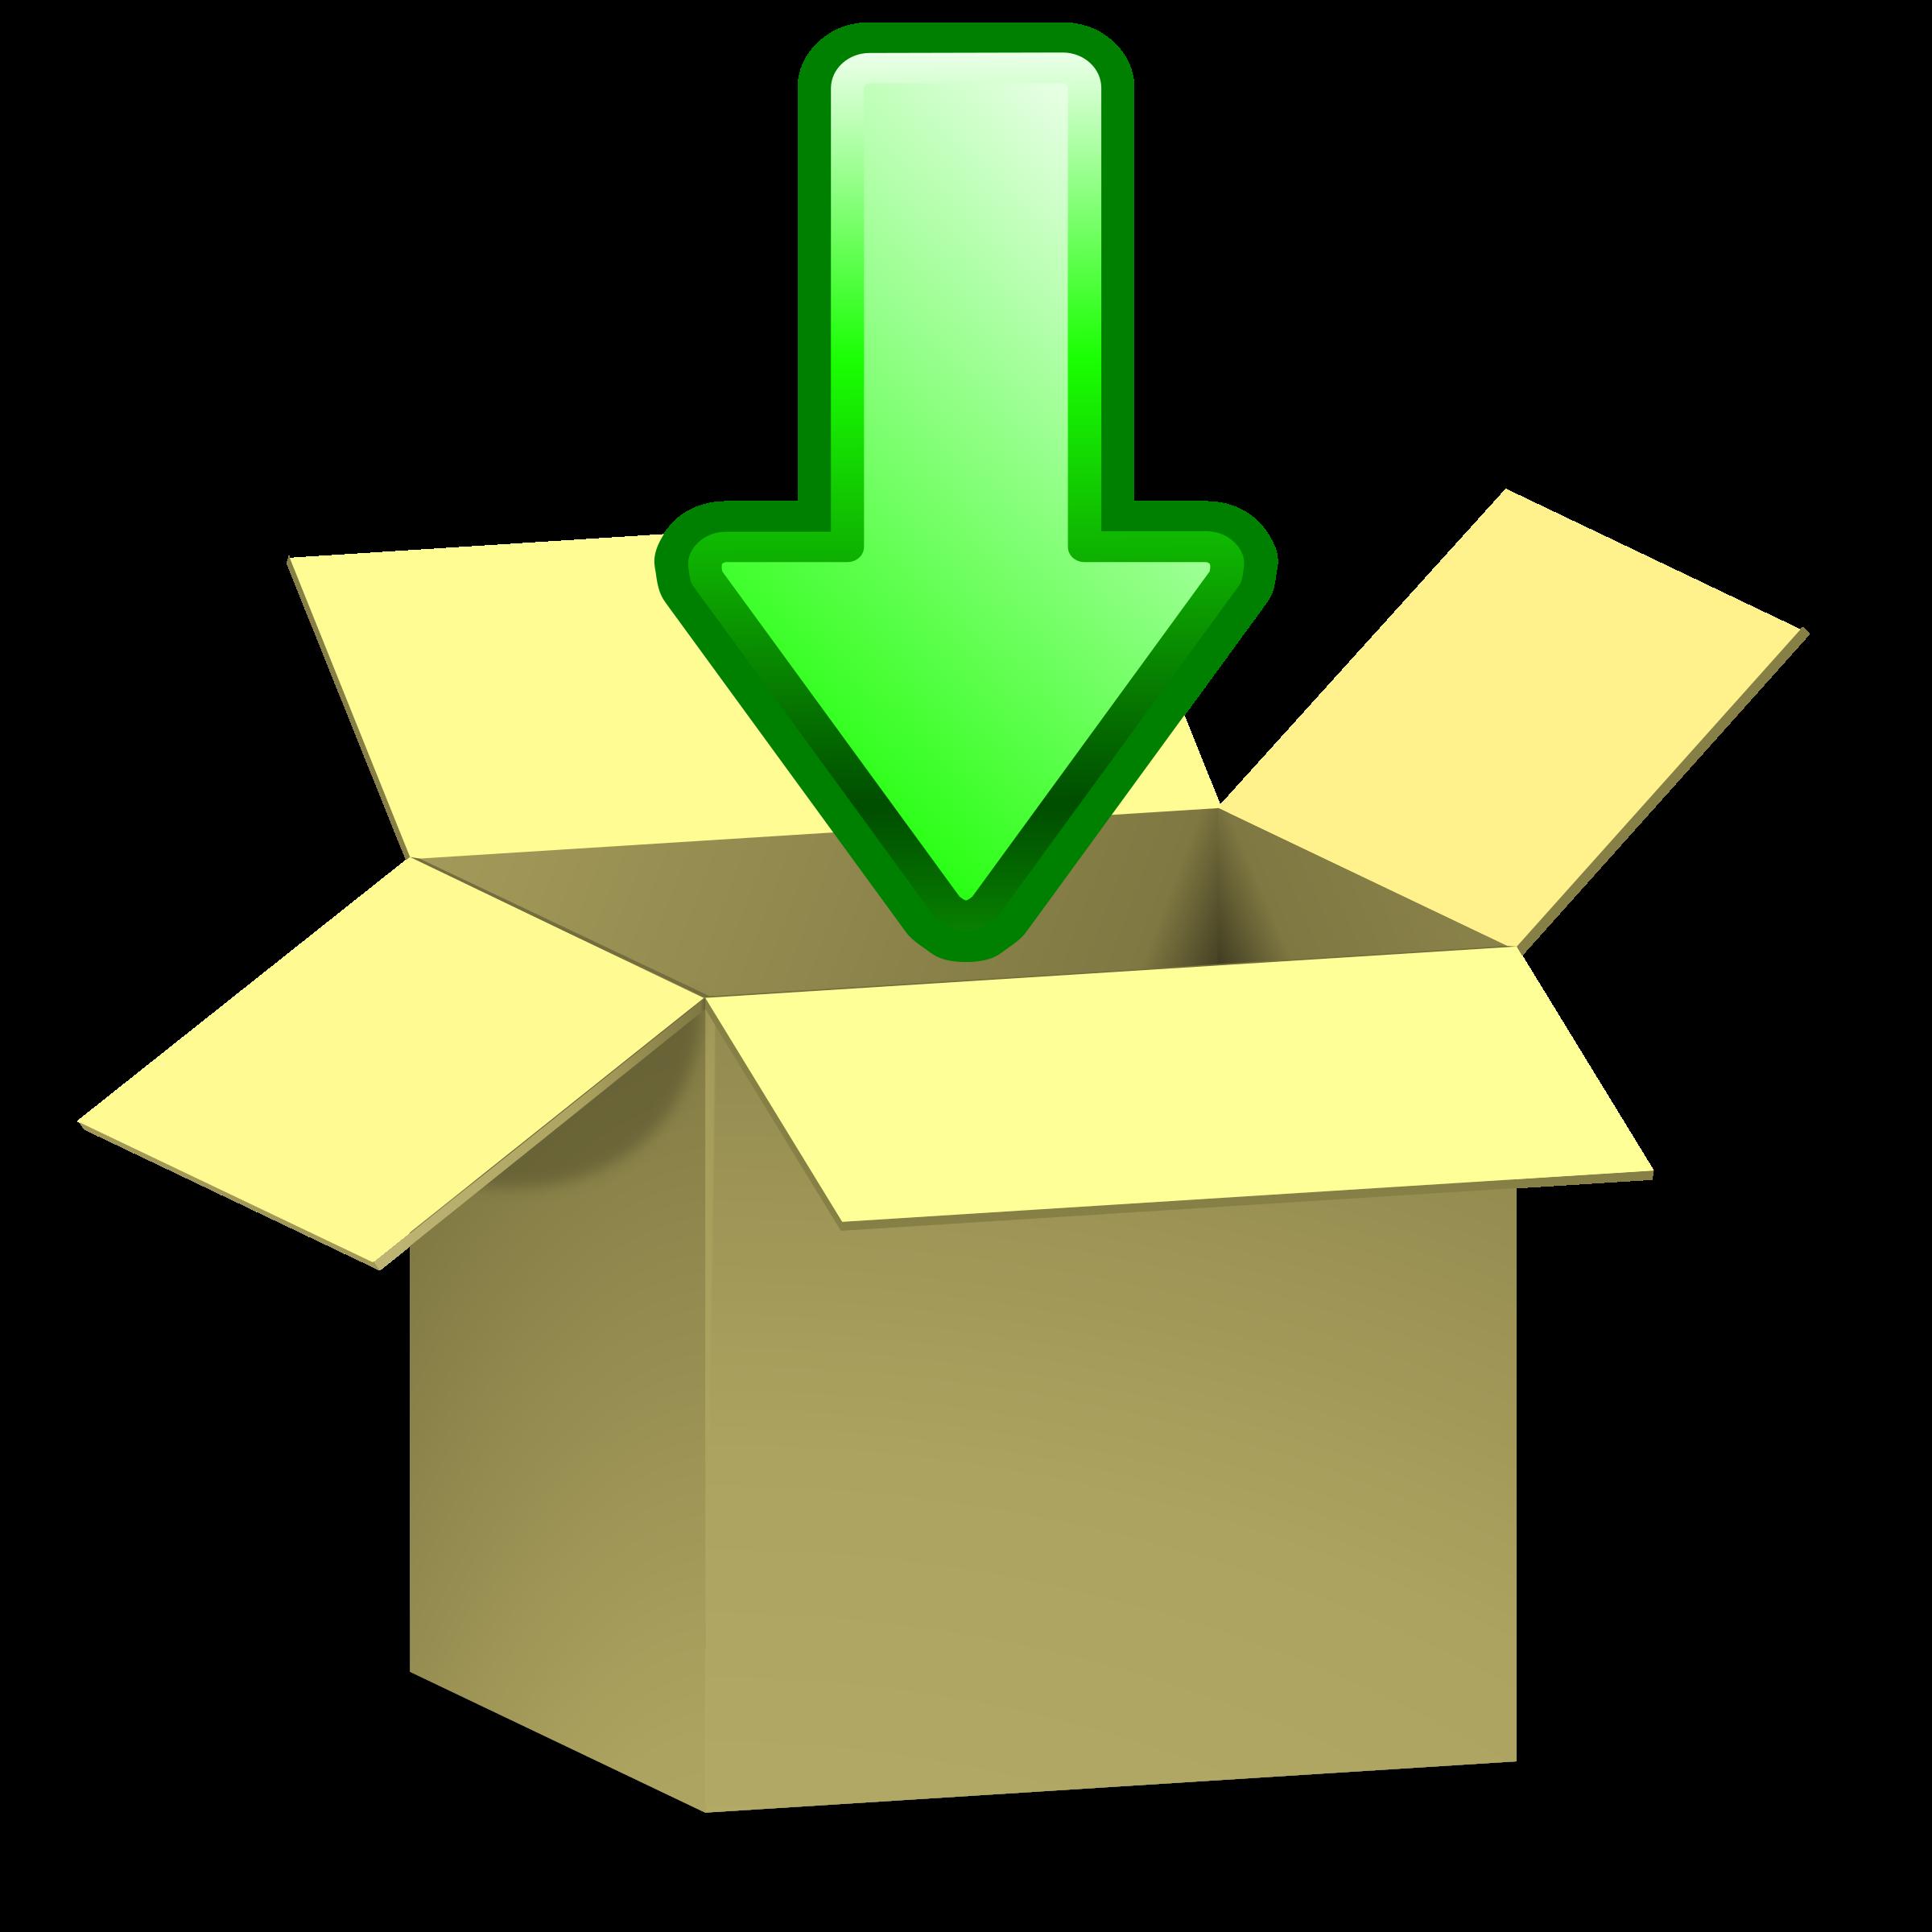 Box clipart icon. Download